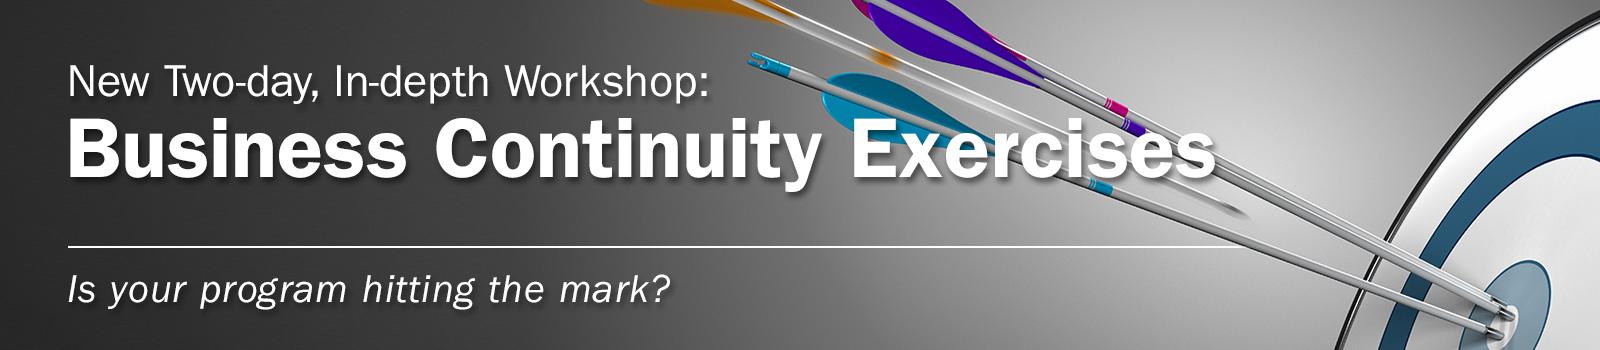 Workshop Exercises Image